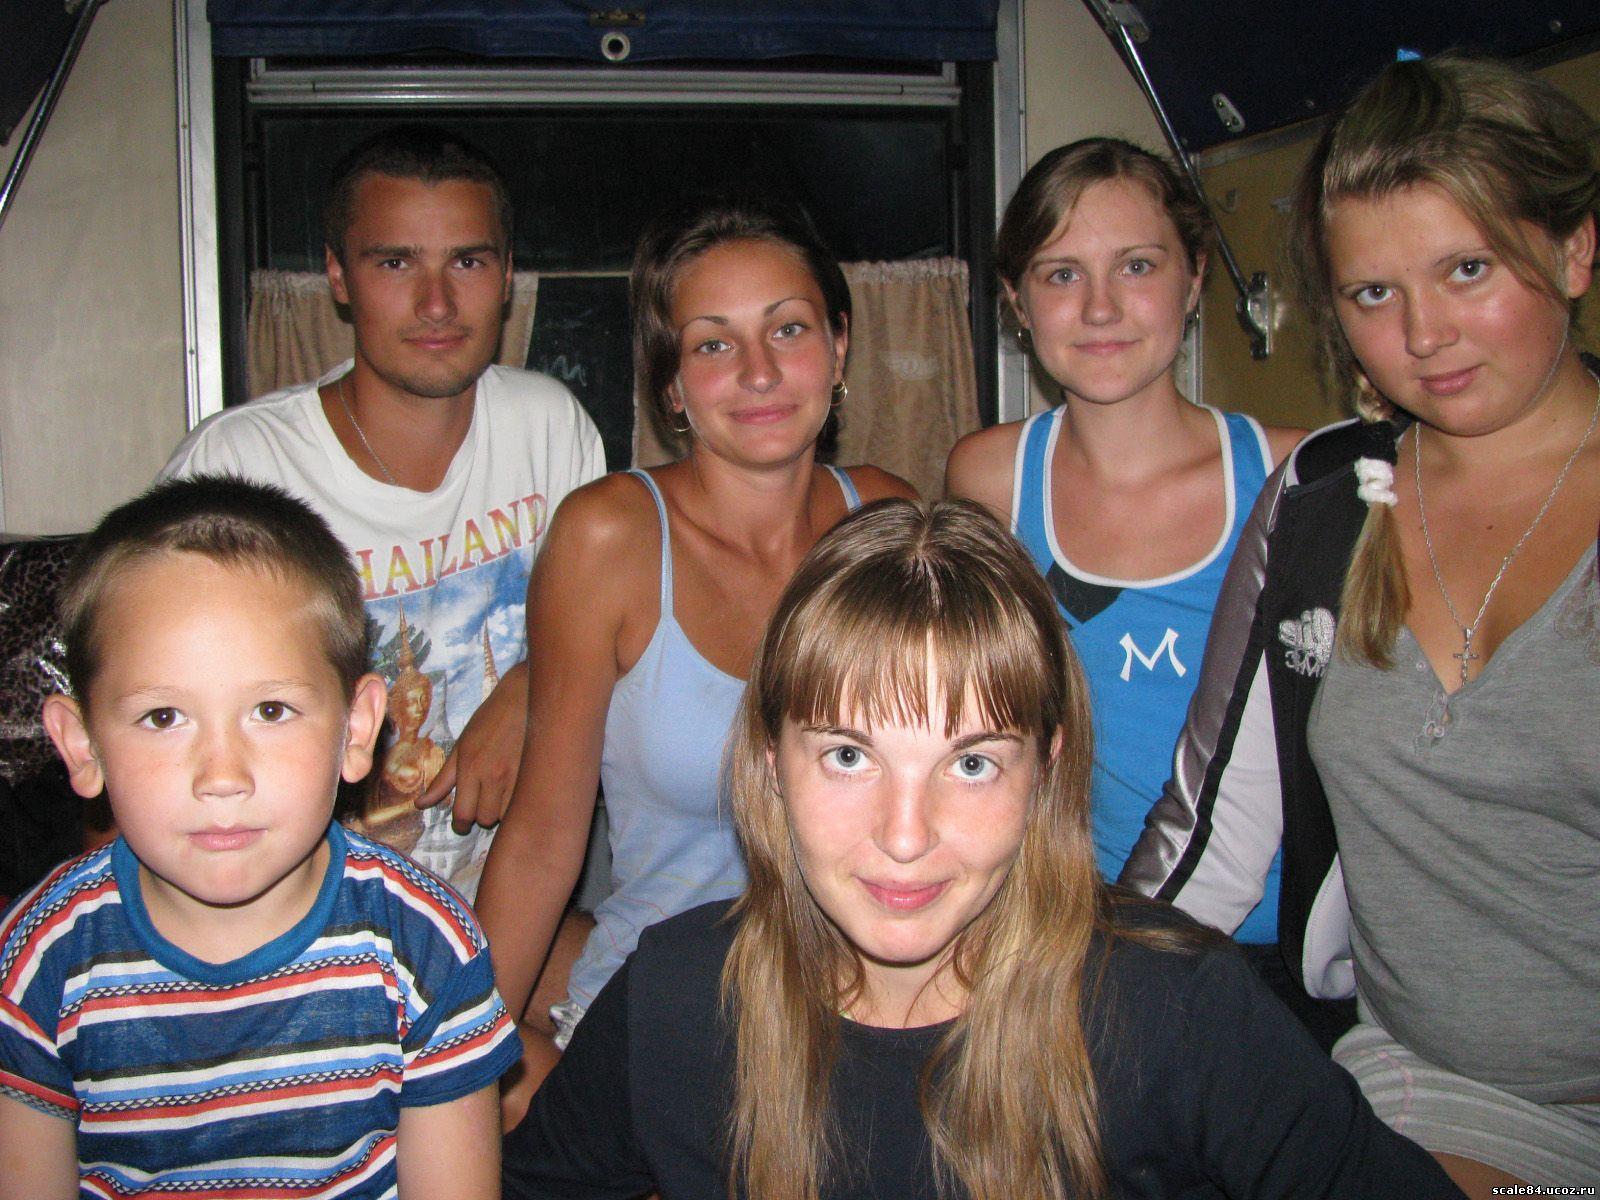 Катя, Алексей, Женя, Люба, Алексей, я